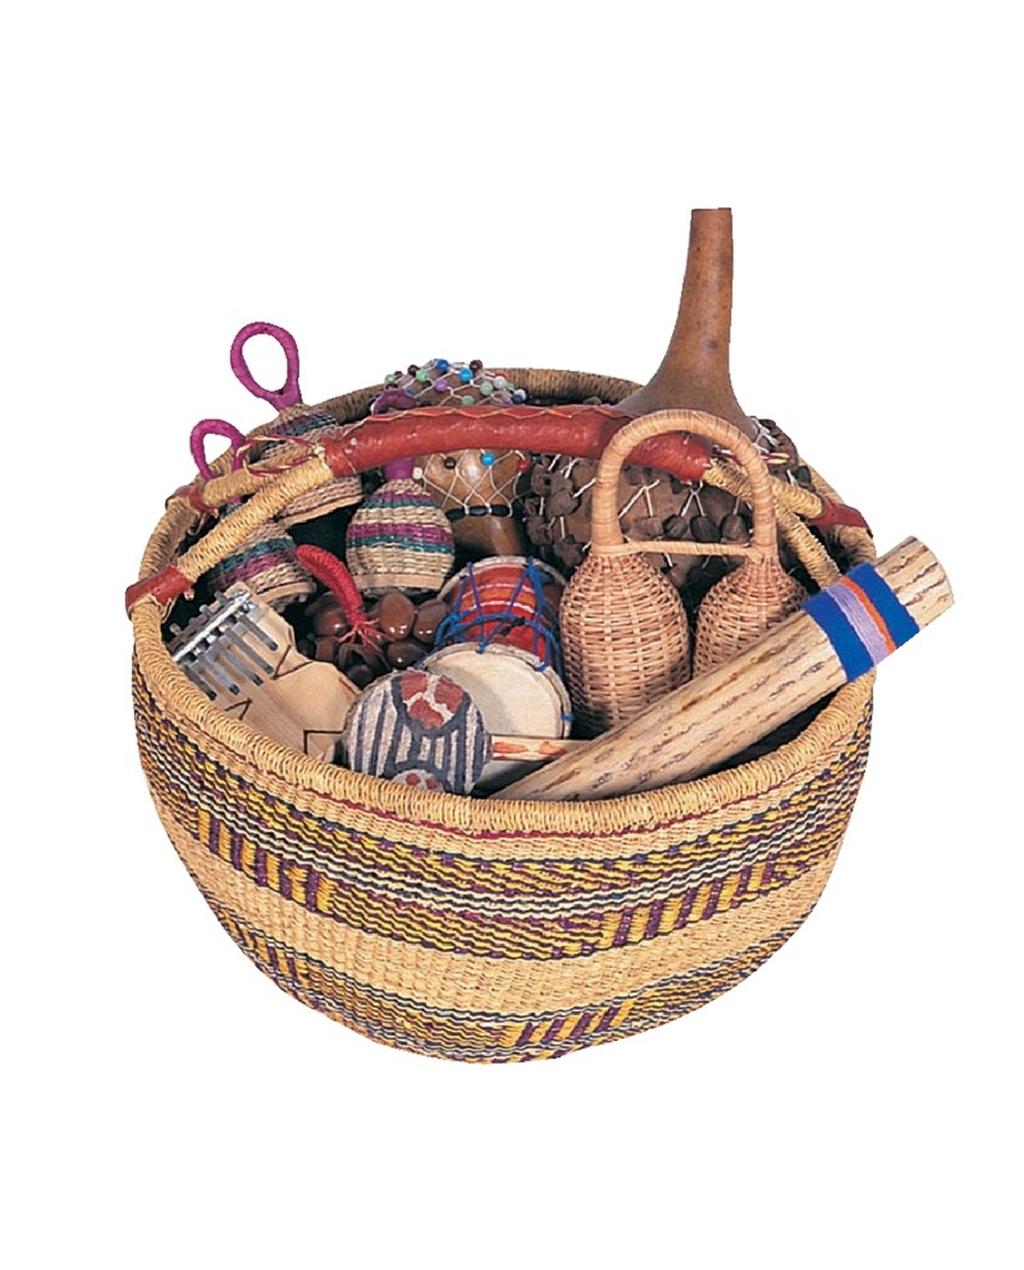 Multicultural Basket of Instruments